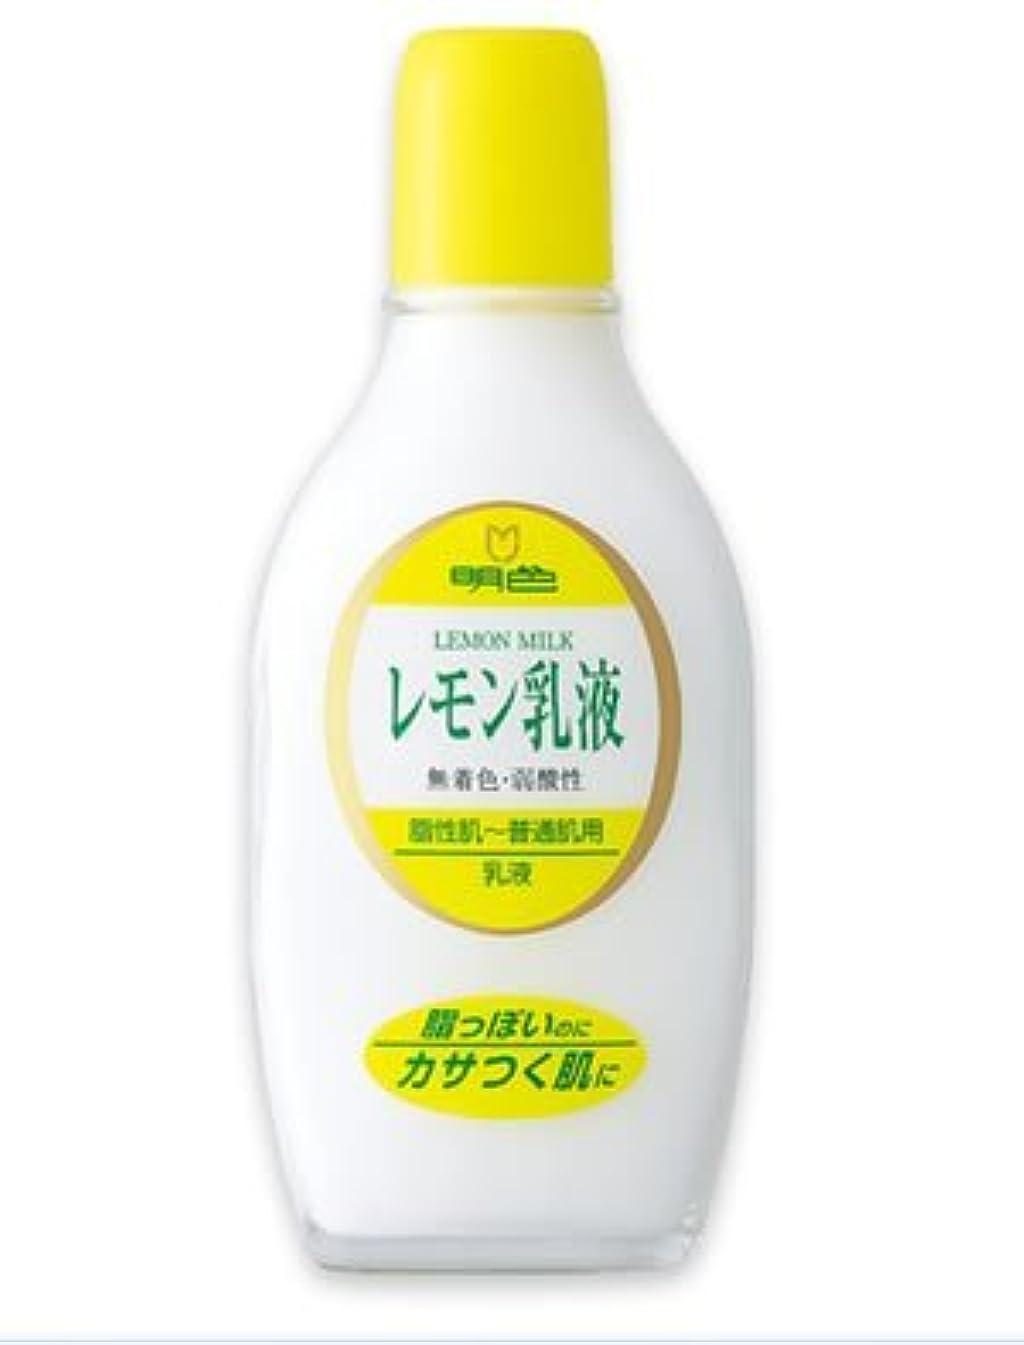 惨めな引き金ベーコン(明色)レモン乳液 158ml(お買い得3本セット)